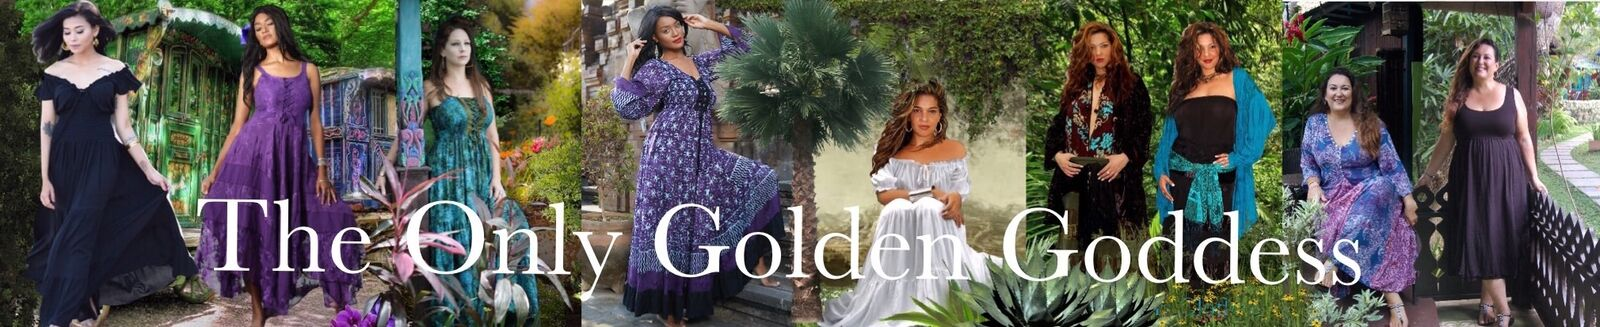 The Only Golden Goddess